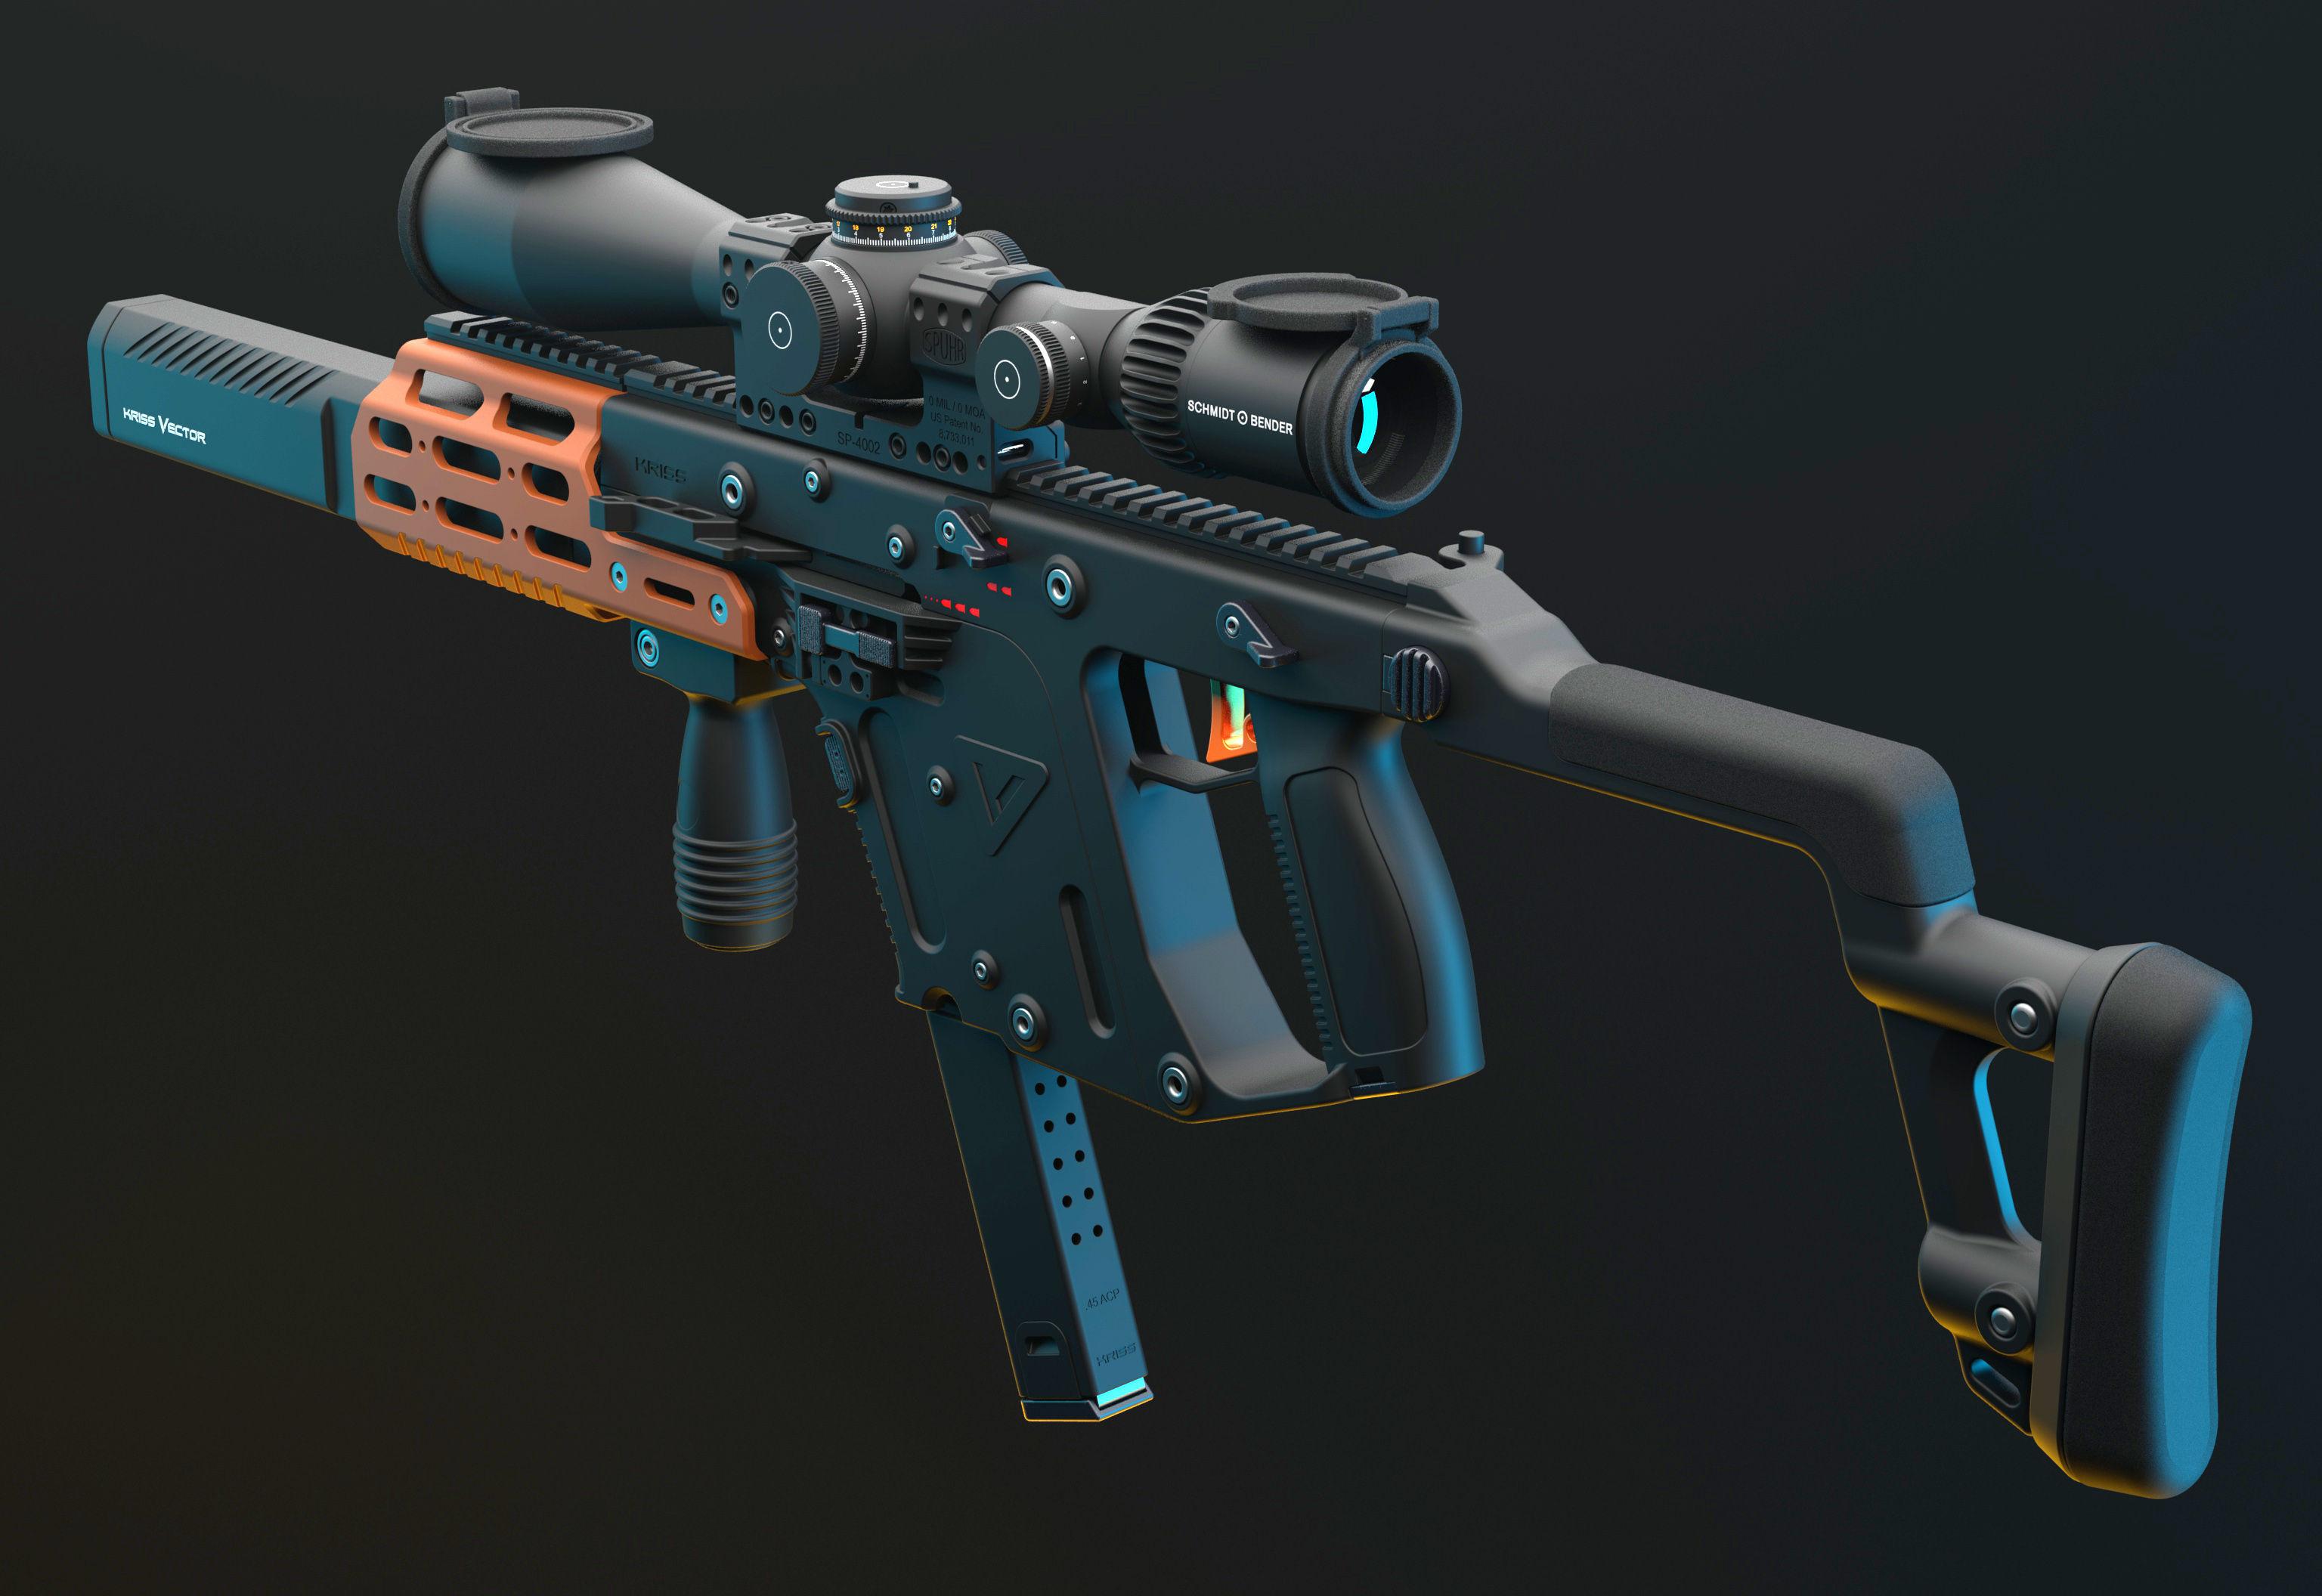 Kv-shot-01-3500-3500